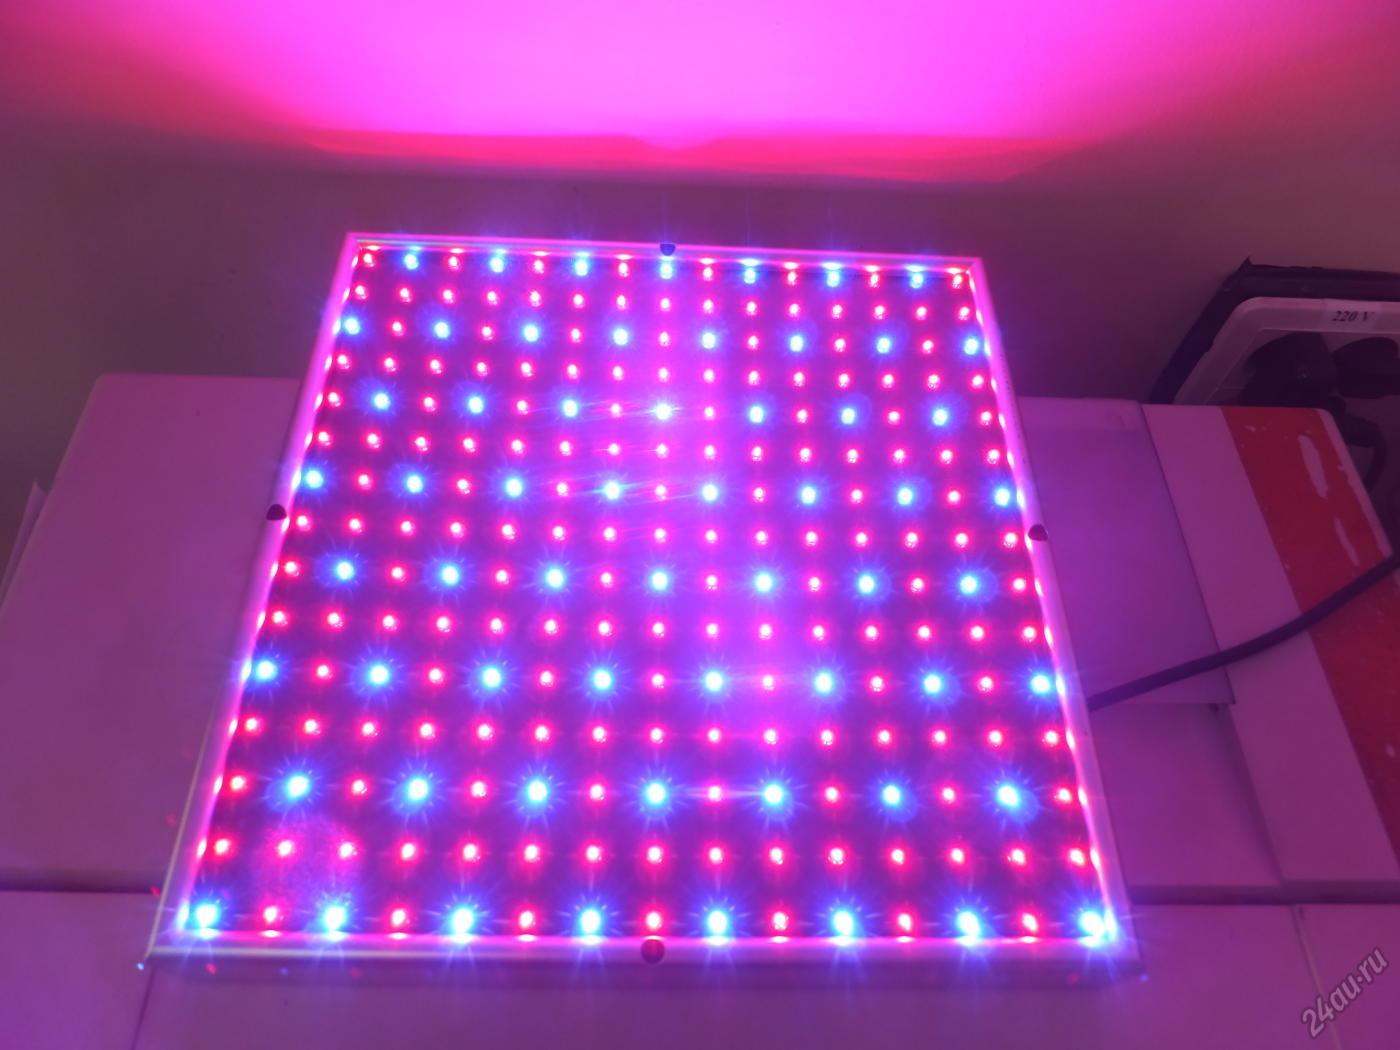 Как сделать освещение для рассады в домашних условиях?